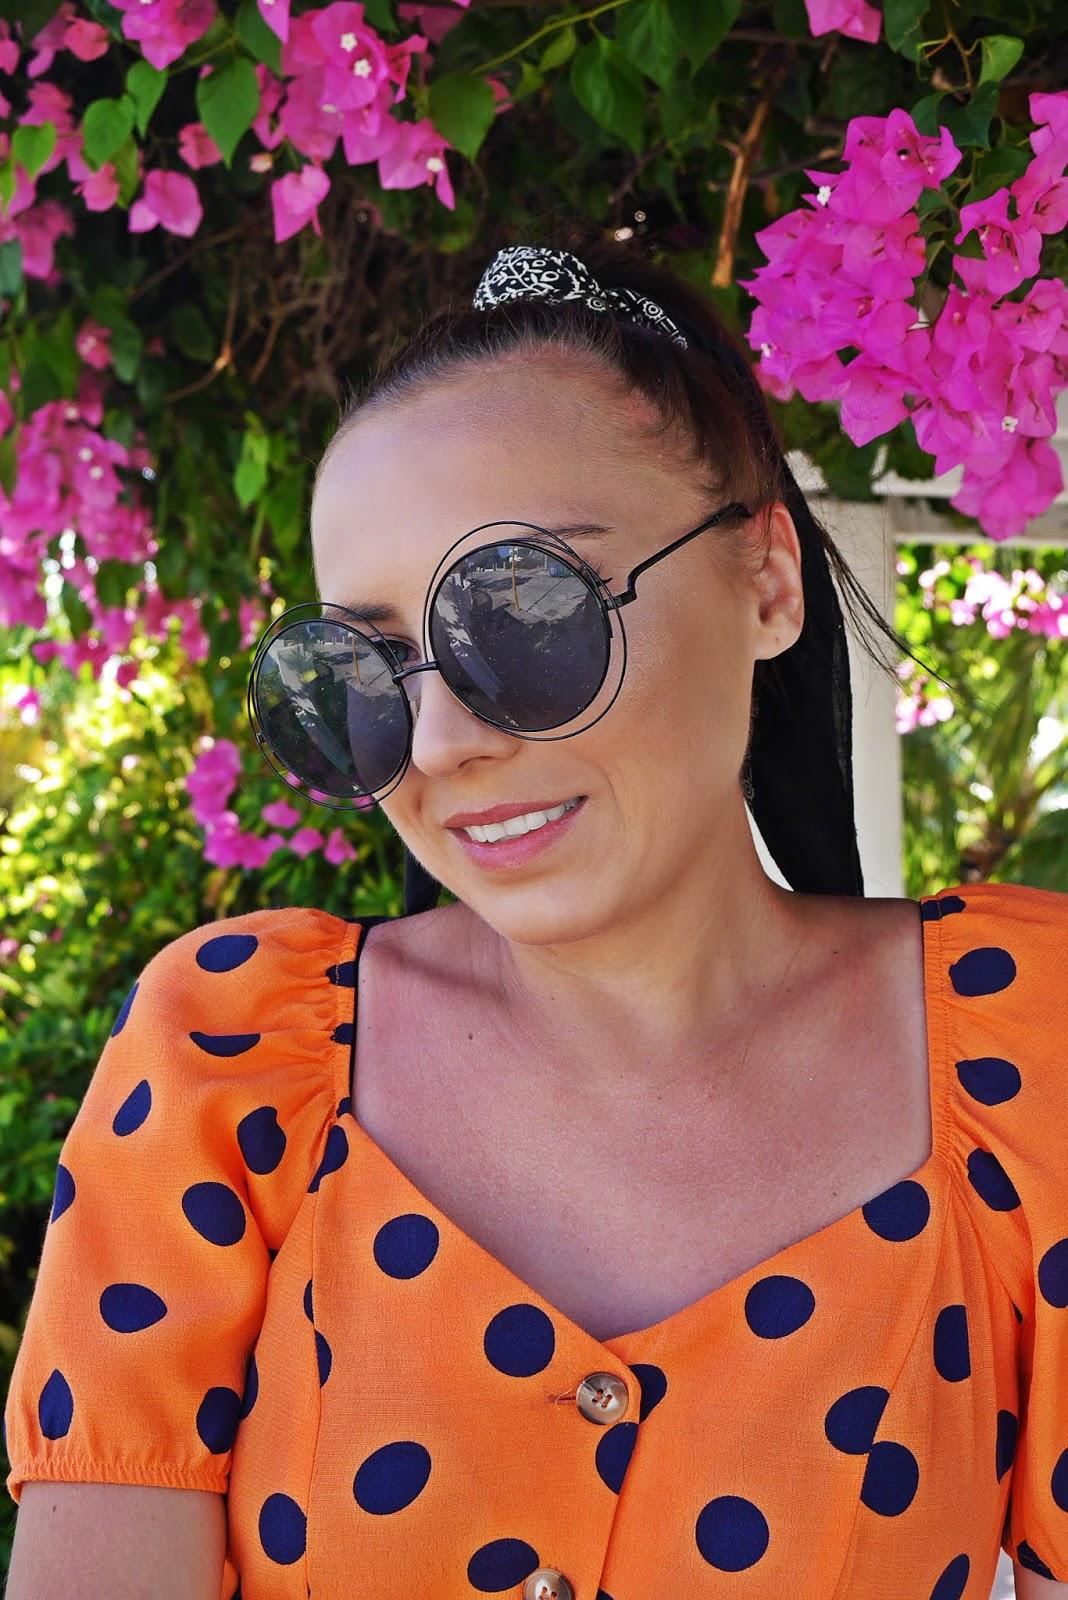 sukienka w kropki f&f stylizacja rodos greska okulary okrągłe duże karyn blog modowy blogerka modowa puławy